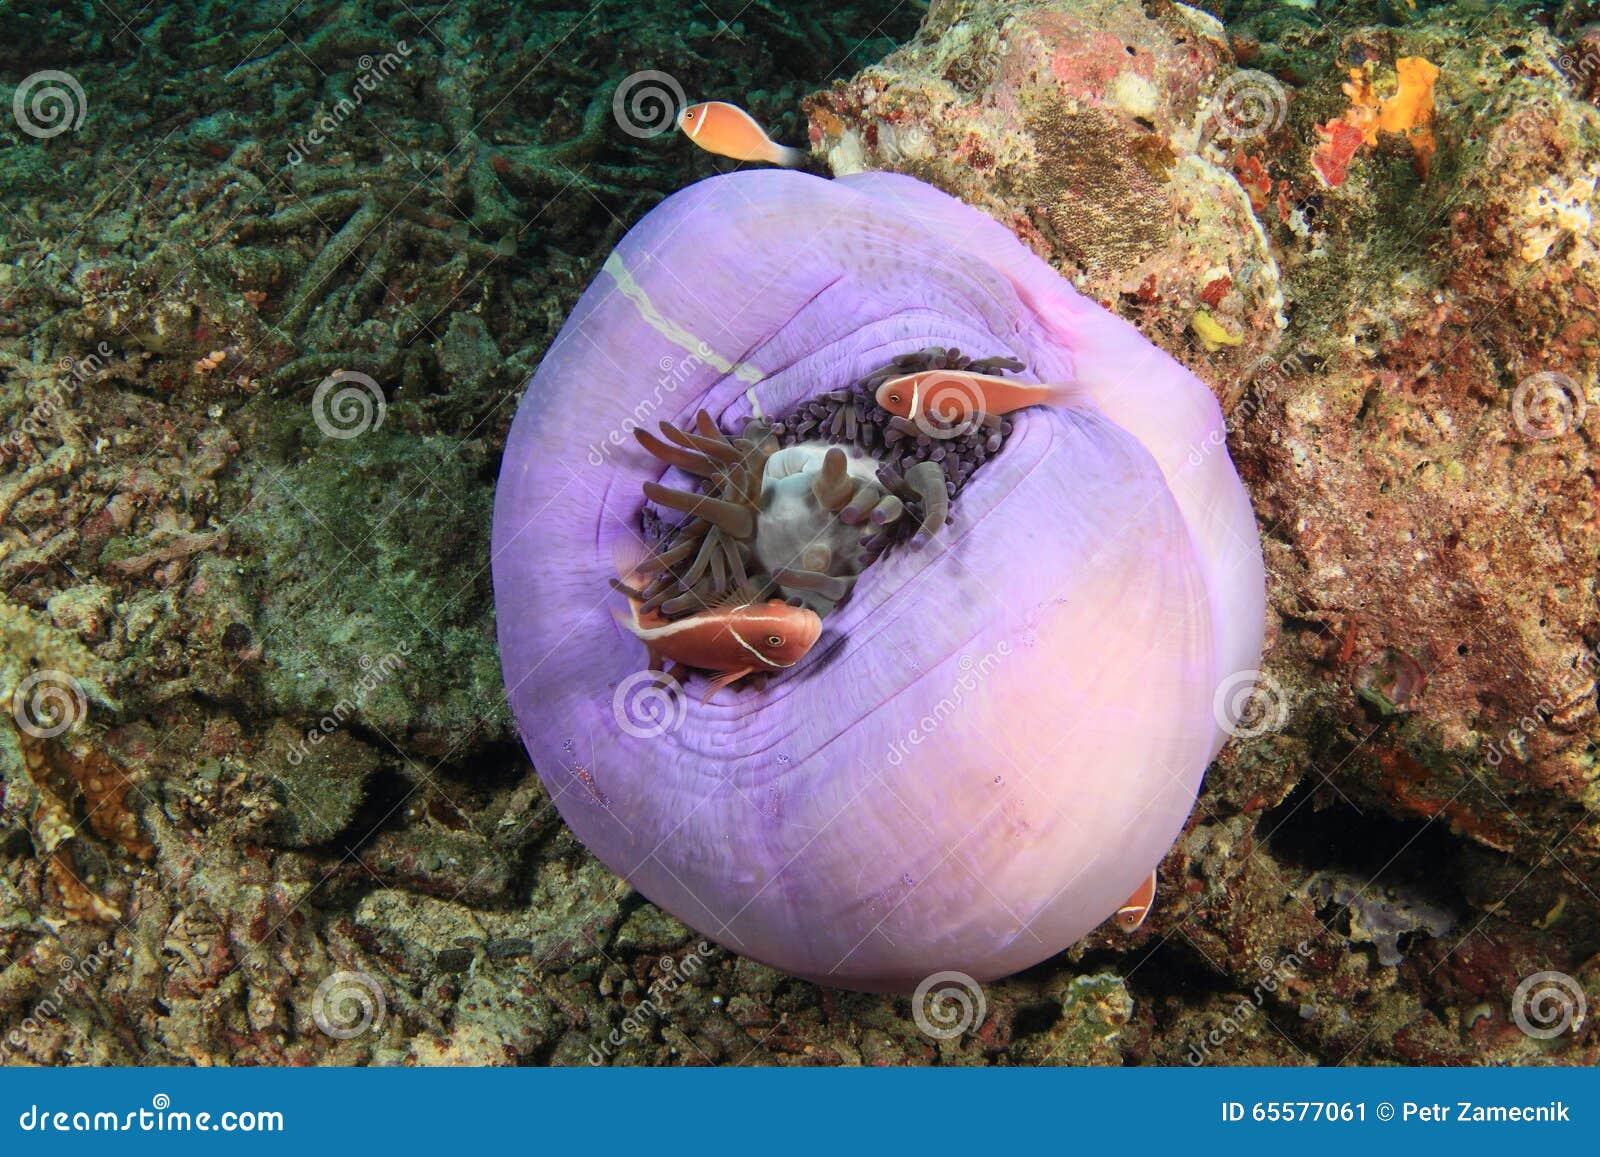 Anemonfish roses